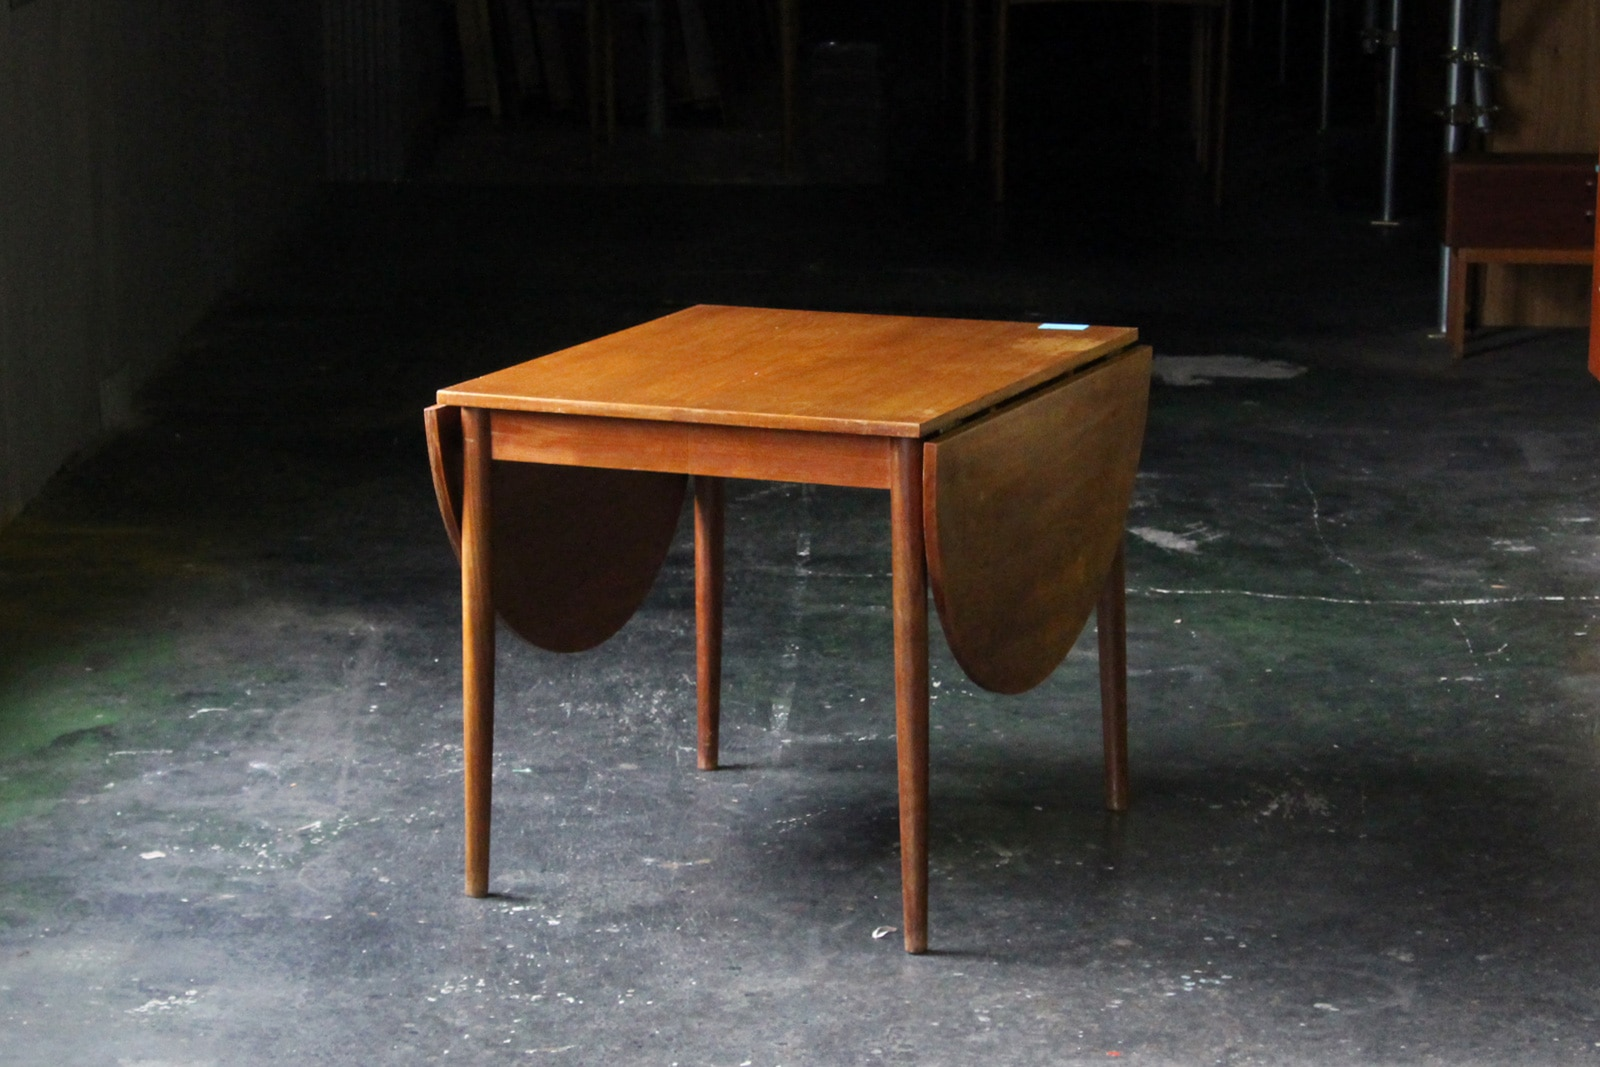 北欧,デンマーク,家具,ダイニングテーブル,バタフライ,チーク材